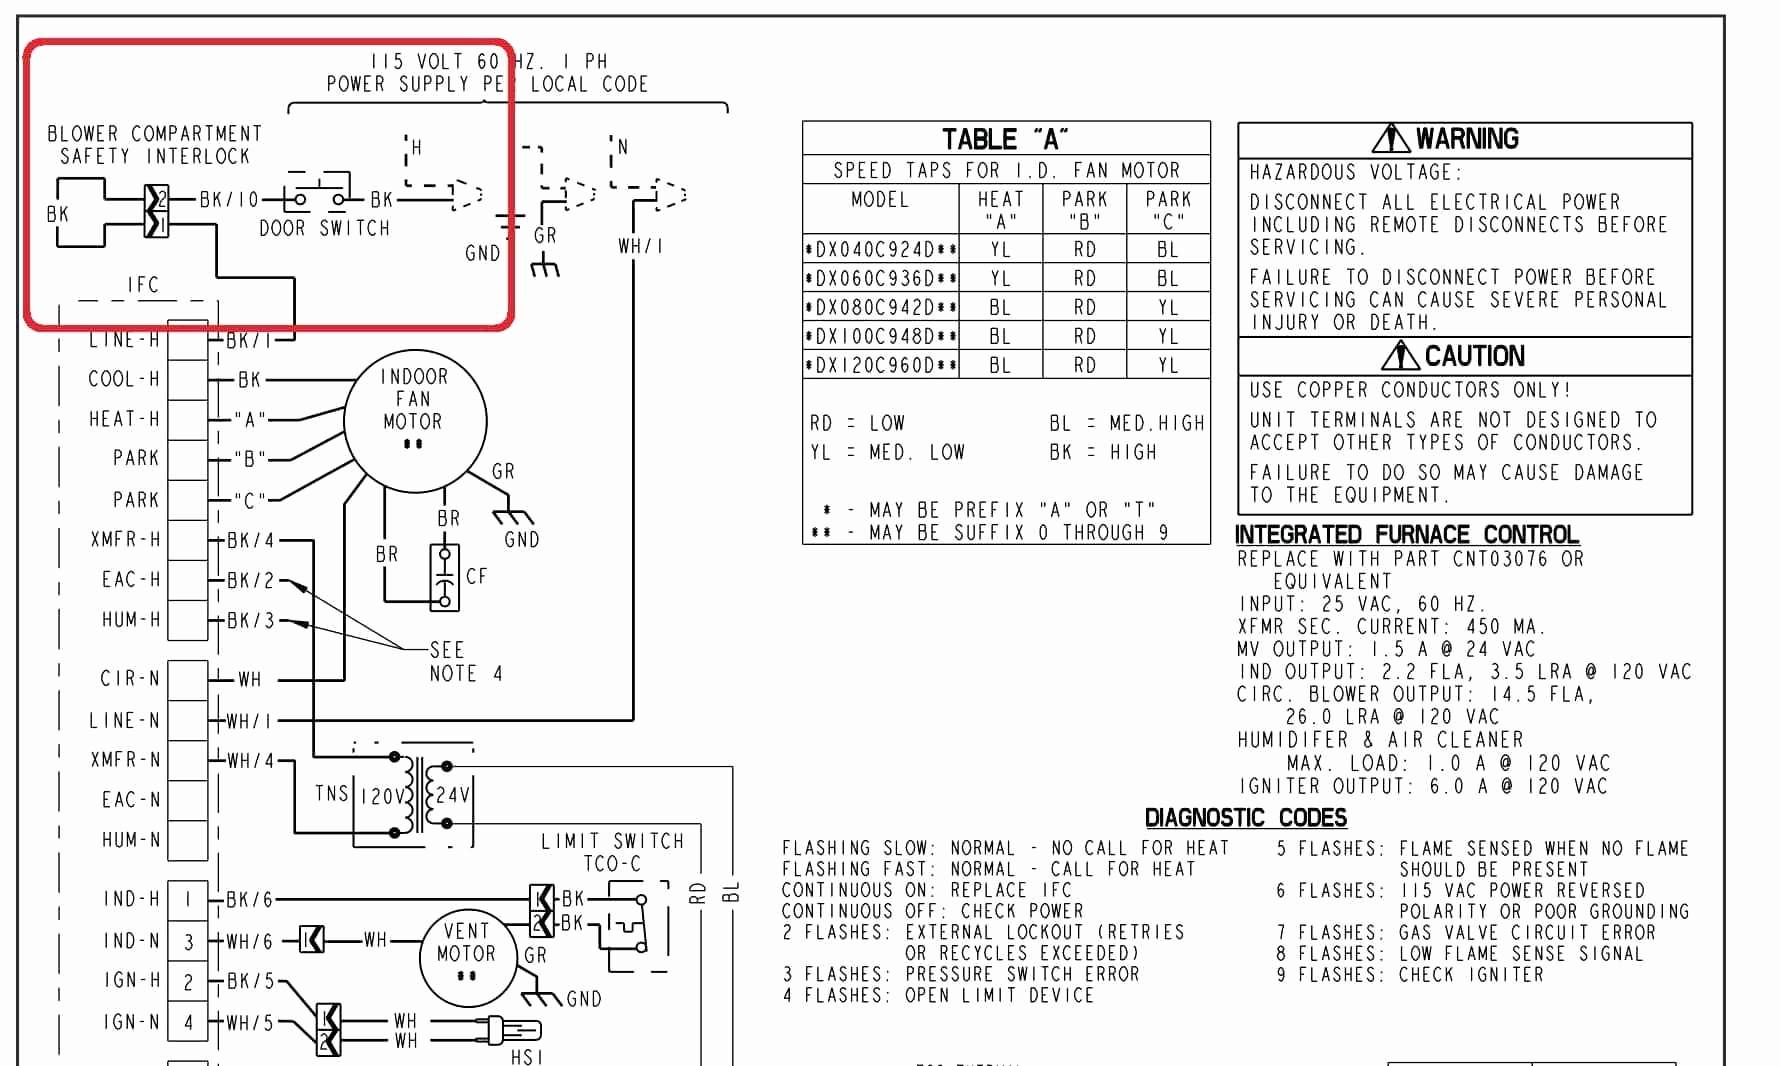 Pioneer Avh X2700Bs Wiring Color Diagram | Wiring Library - Pioneer Avh-X2700Bs Wiring Diagram